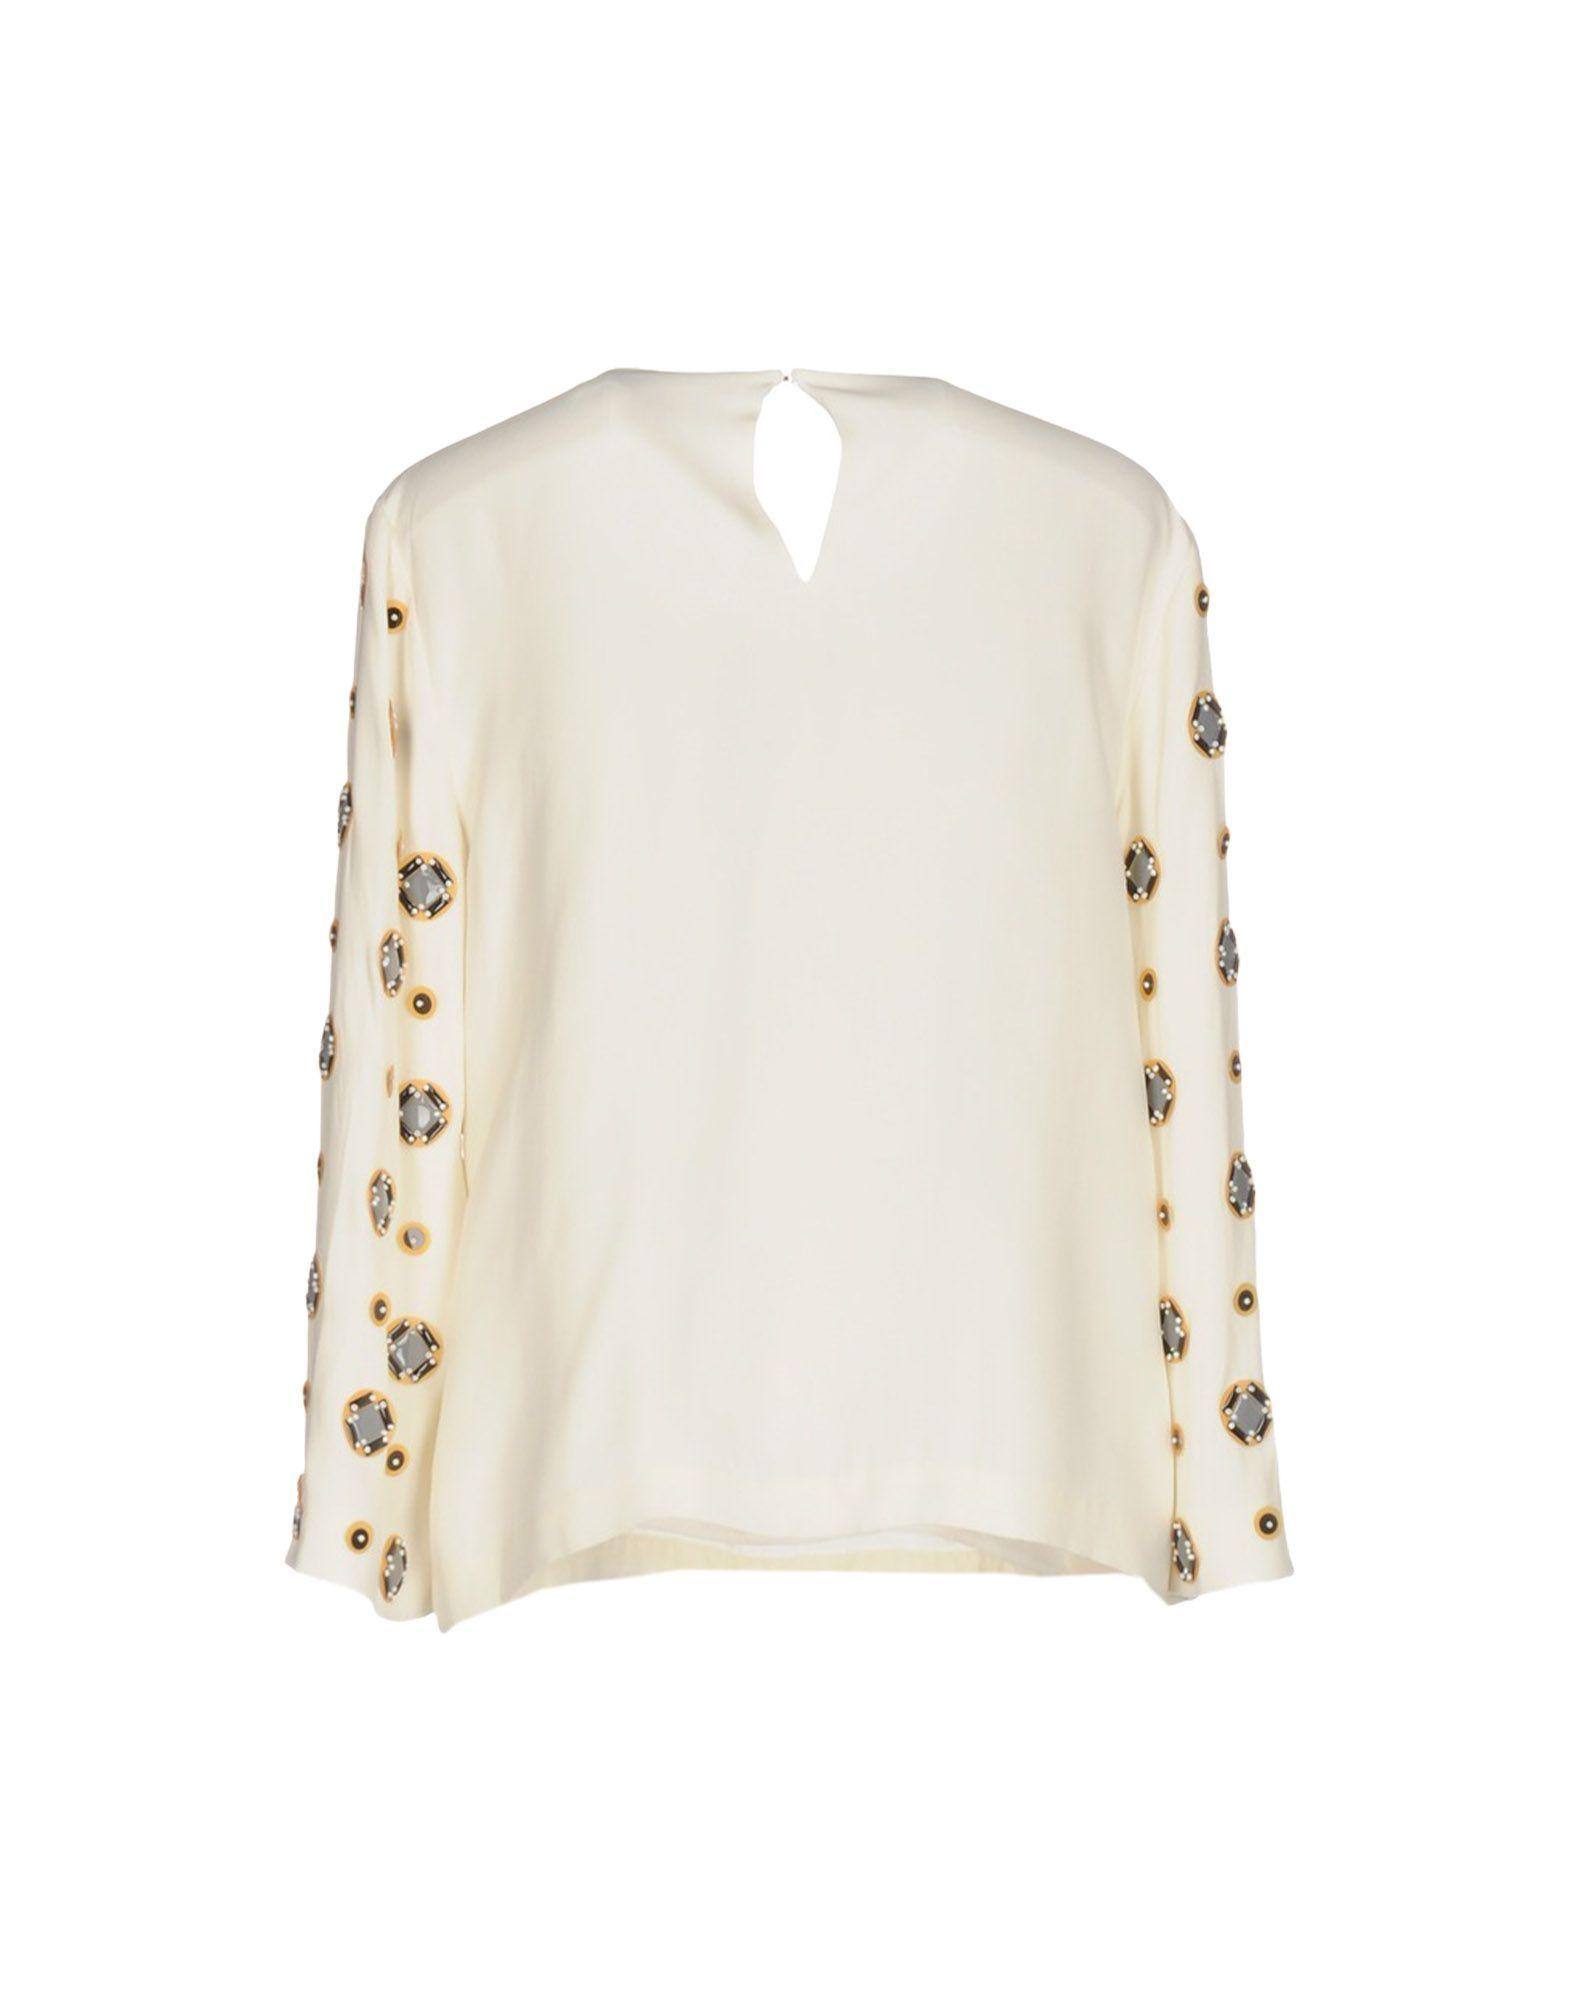 Diane Von Furstenberg Ivory Silk Blouse